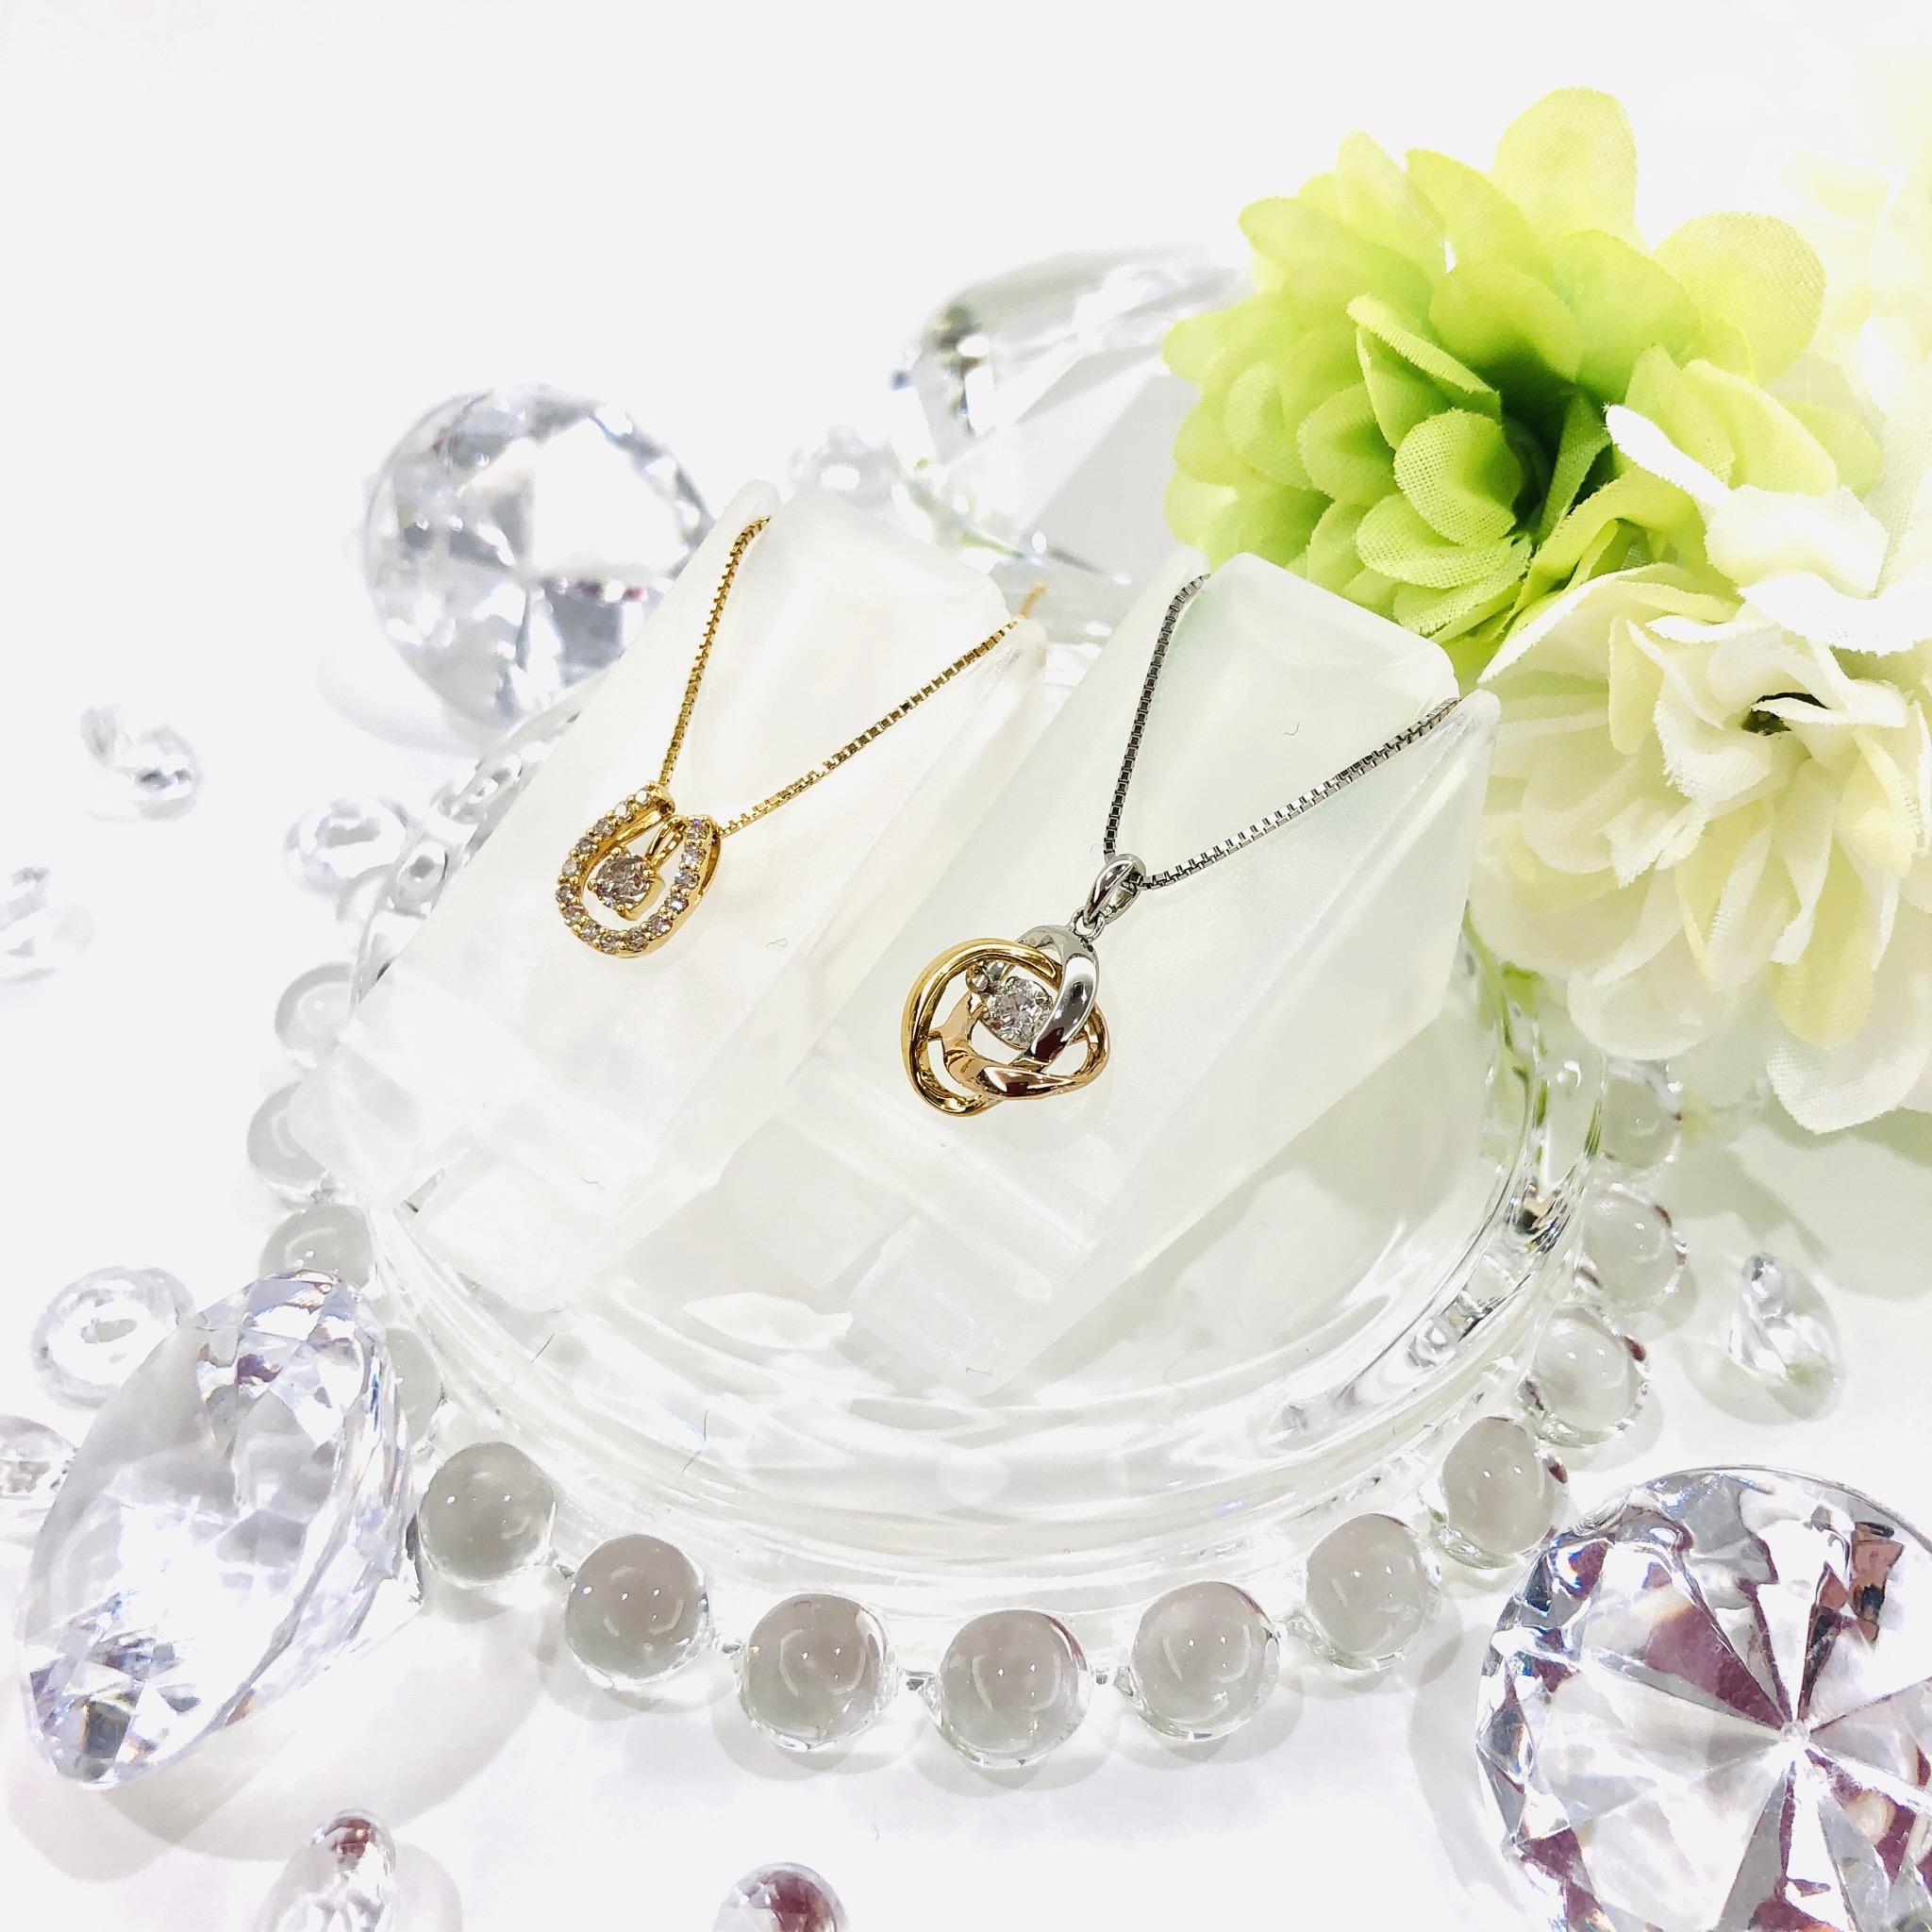 【盛岡 ダイヤモンド 販売】ダイヤの揺らめきが魅力✨ダンシングストーンネックレス